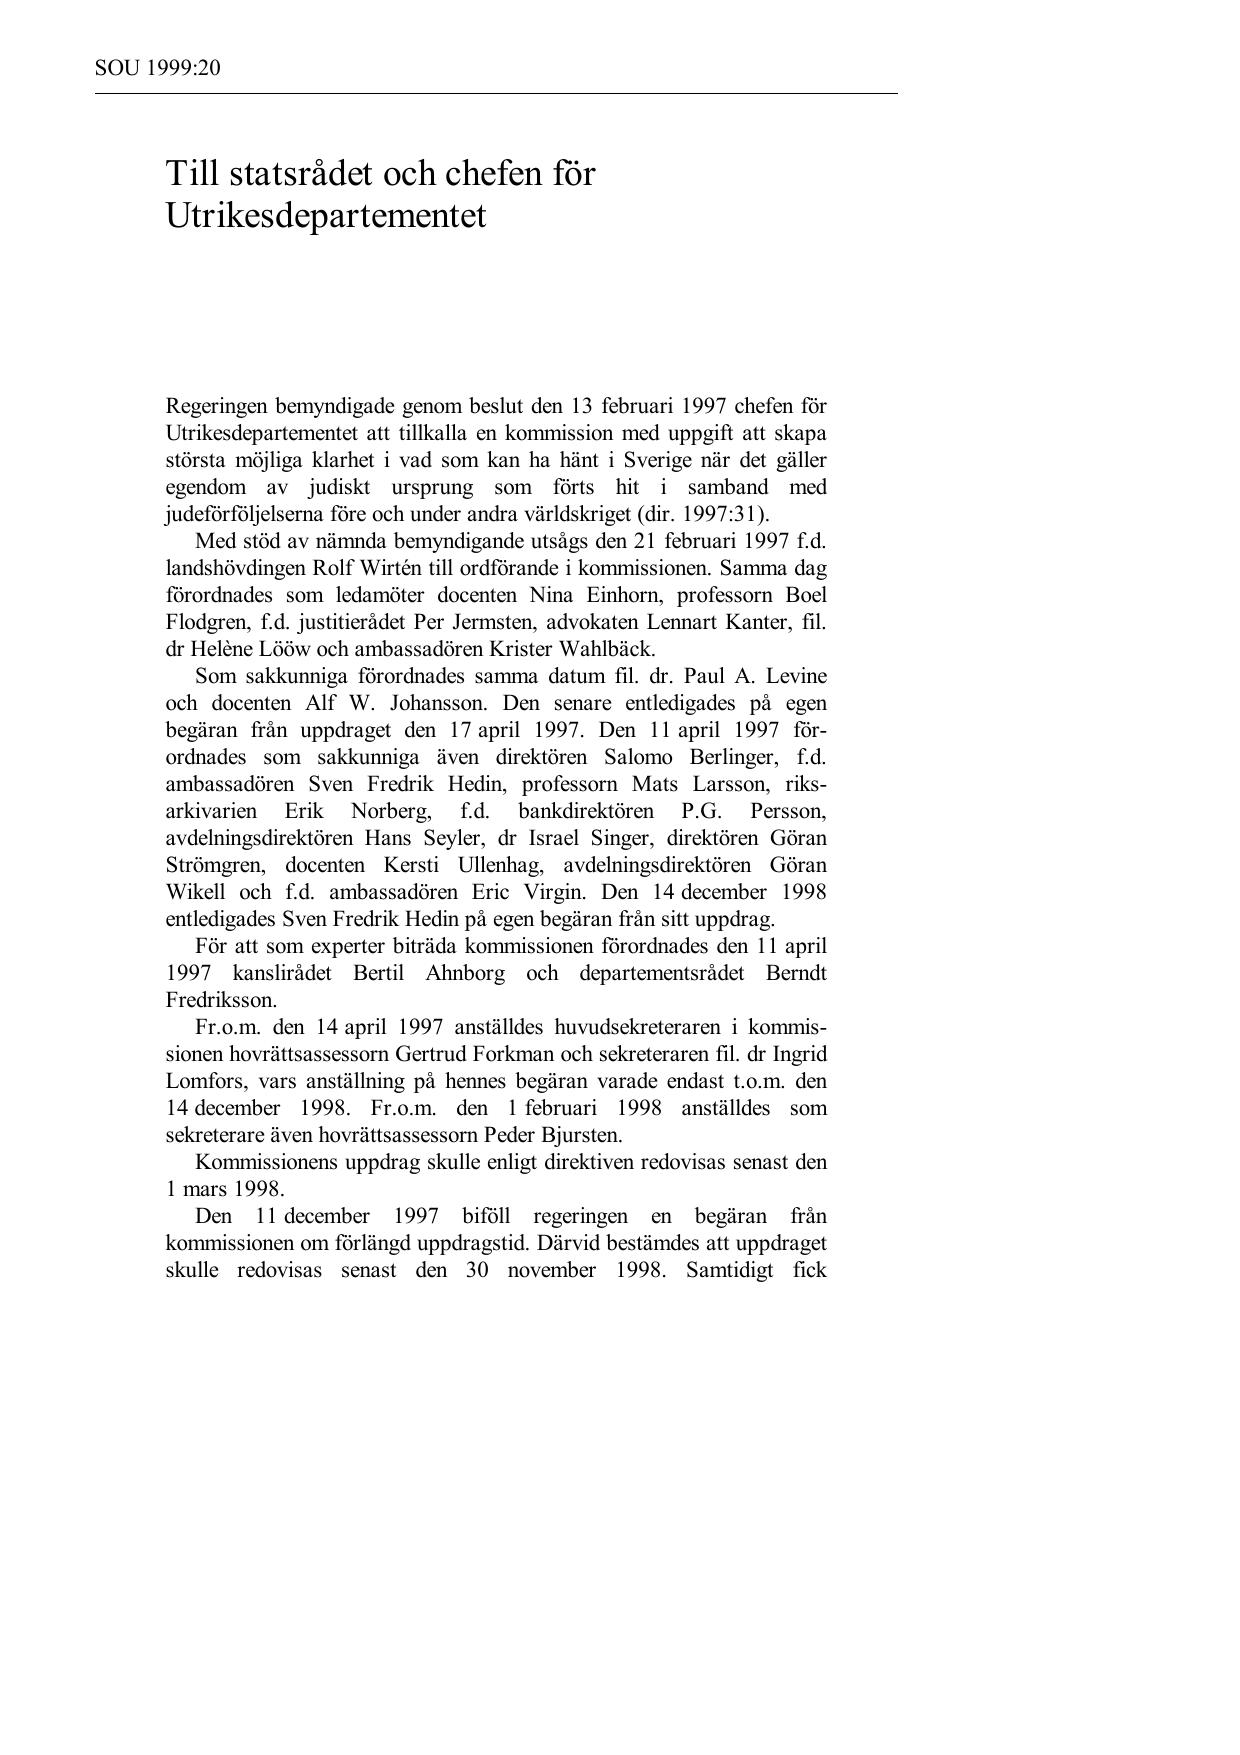 Tv kronika journalistiskt fribrev